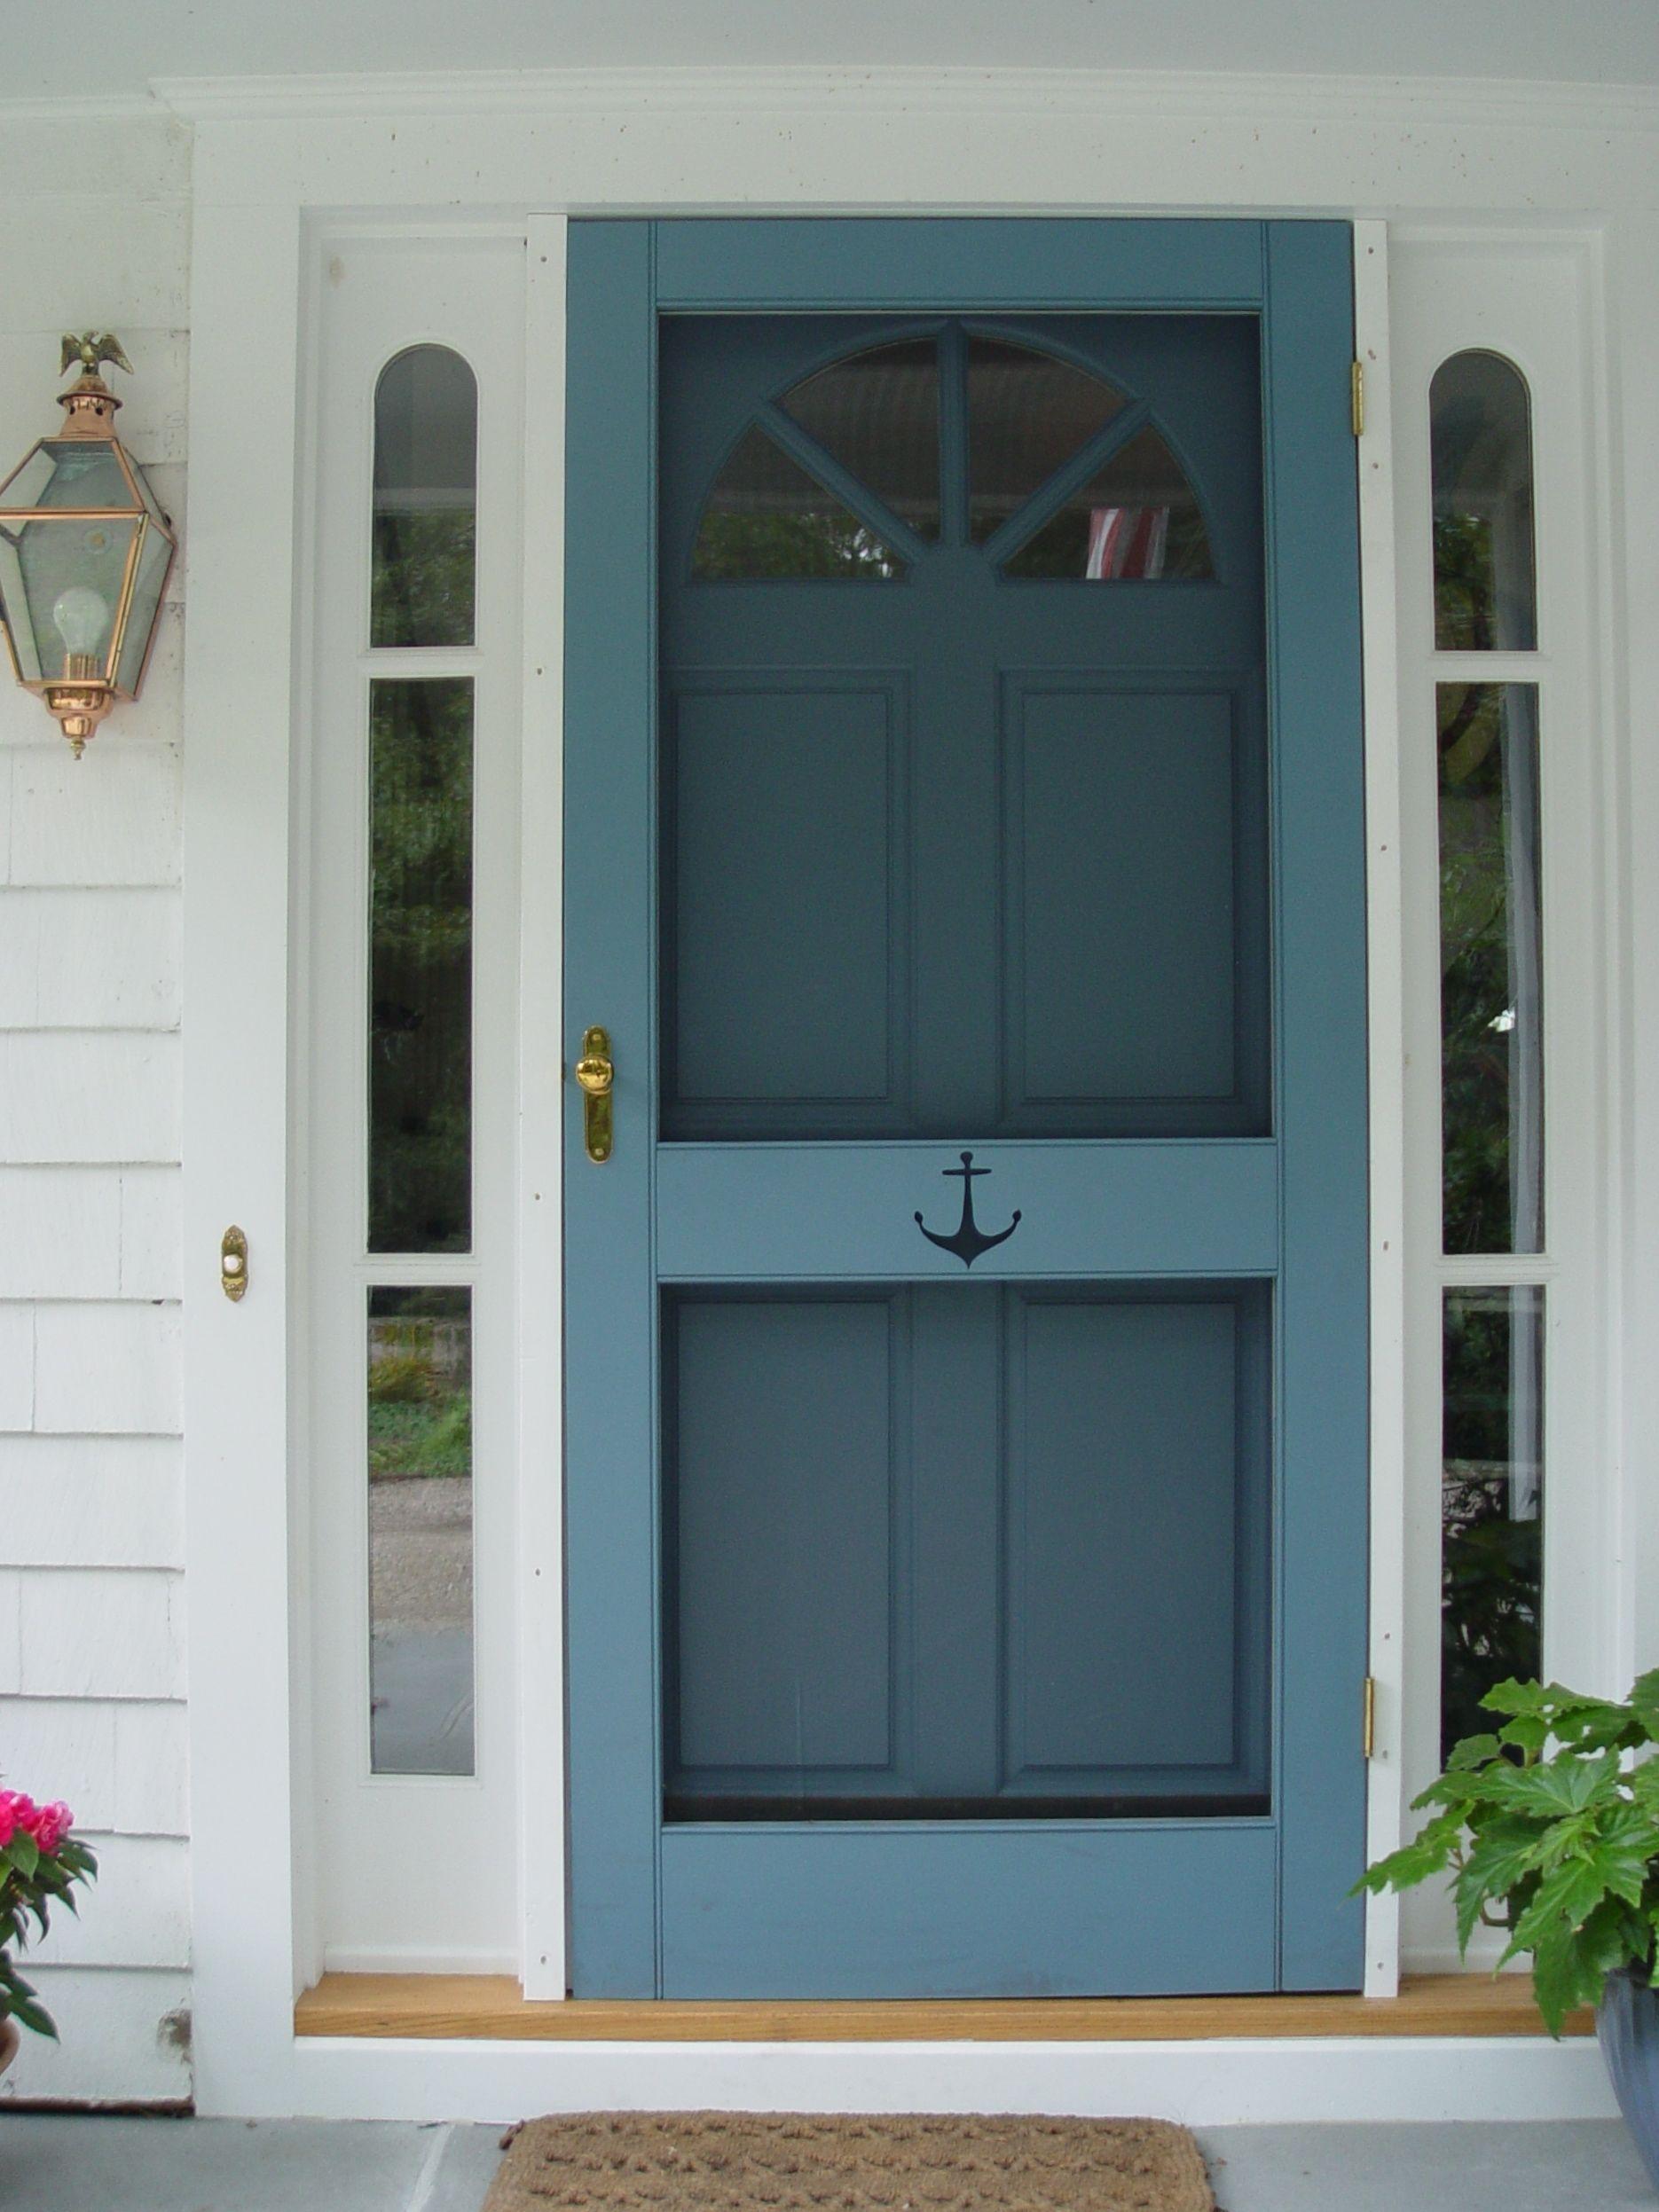 Exterior Door With Screen Insert Fiberglass Exterior Doors Have